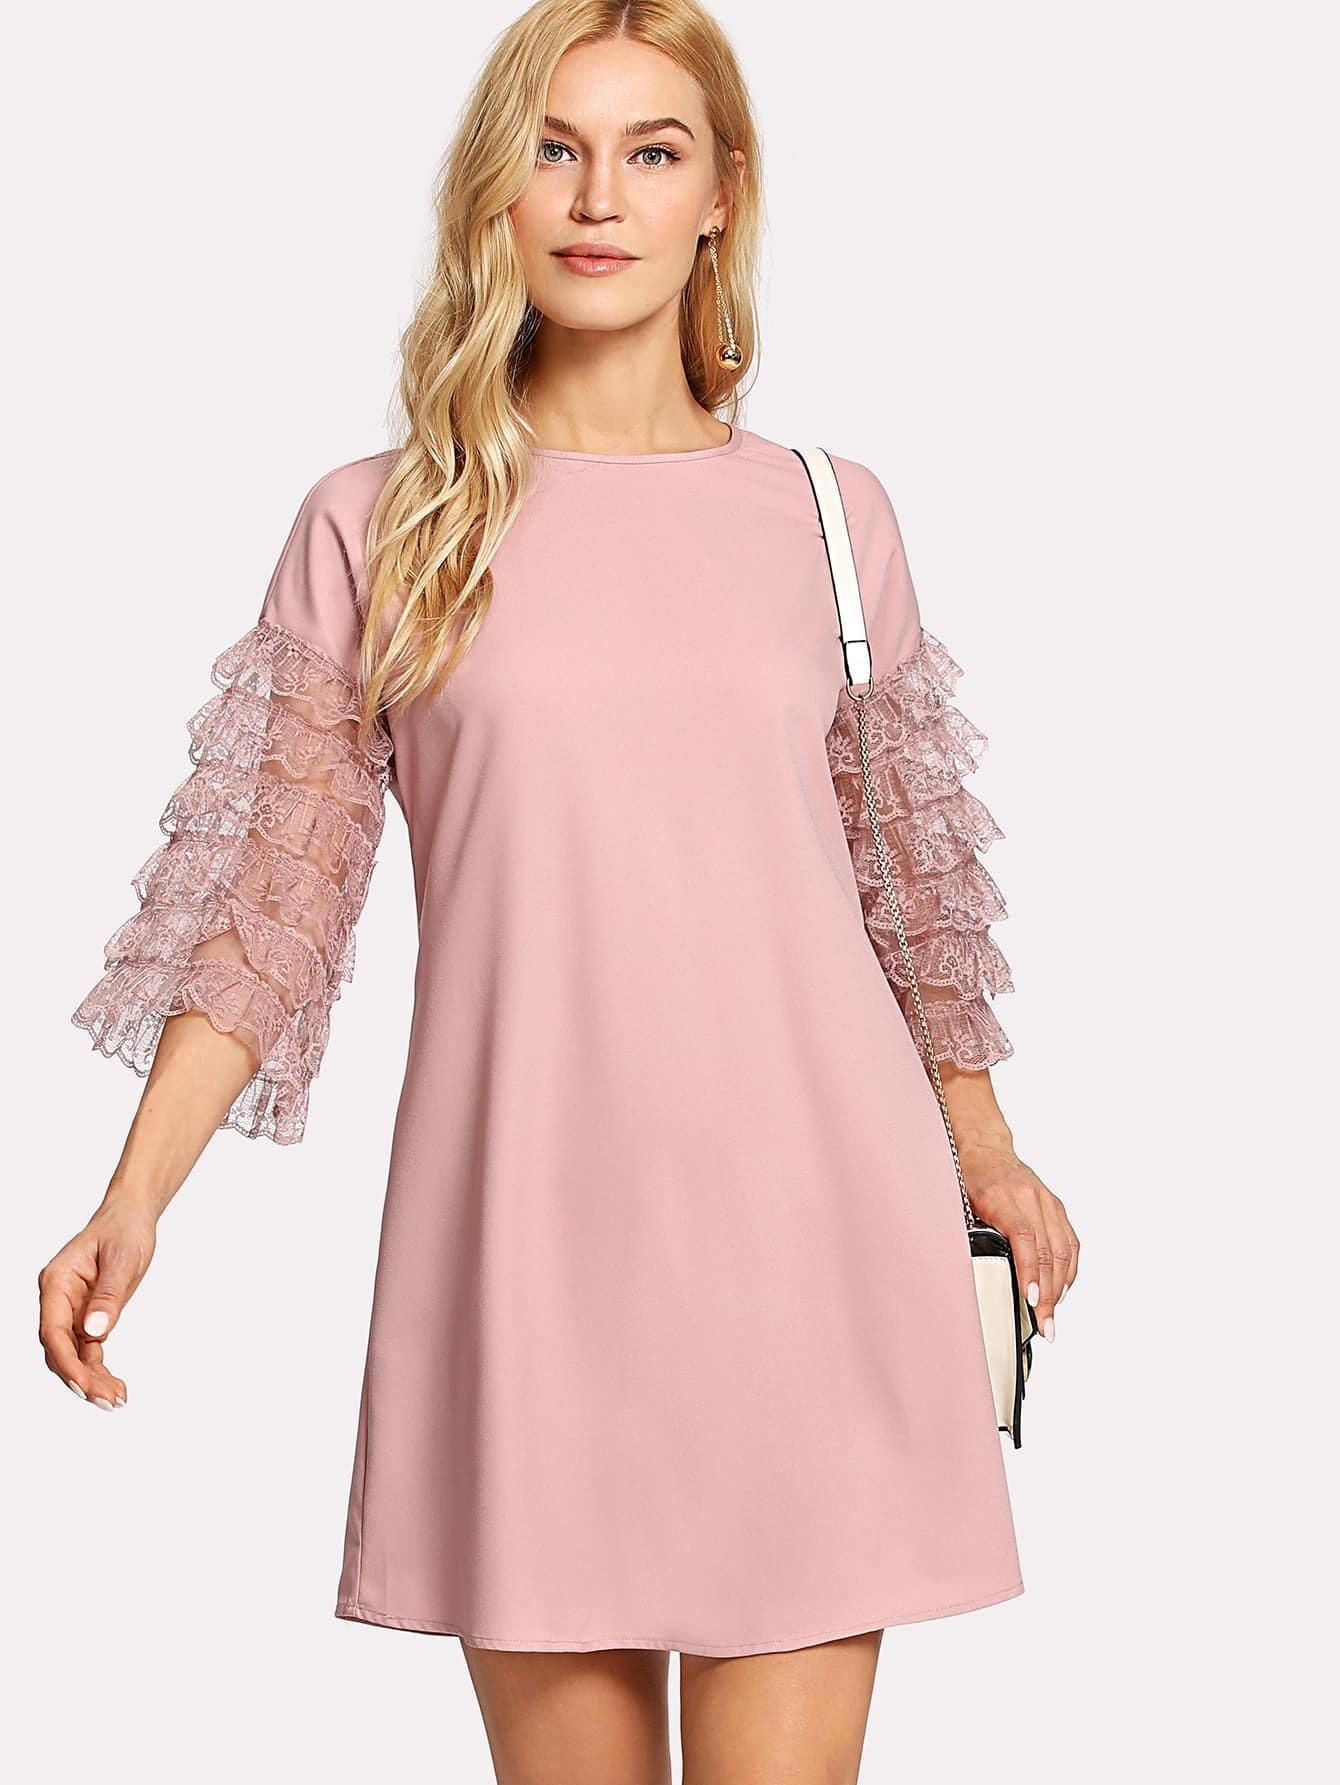 Купить Модное платье с оборкой и кружевной вставкой, Natalib, SheIn